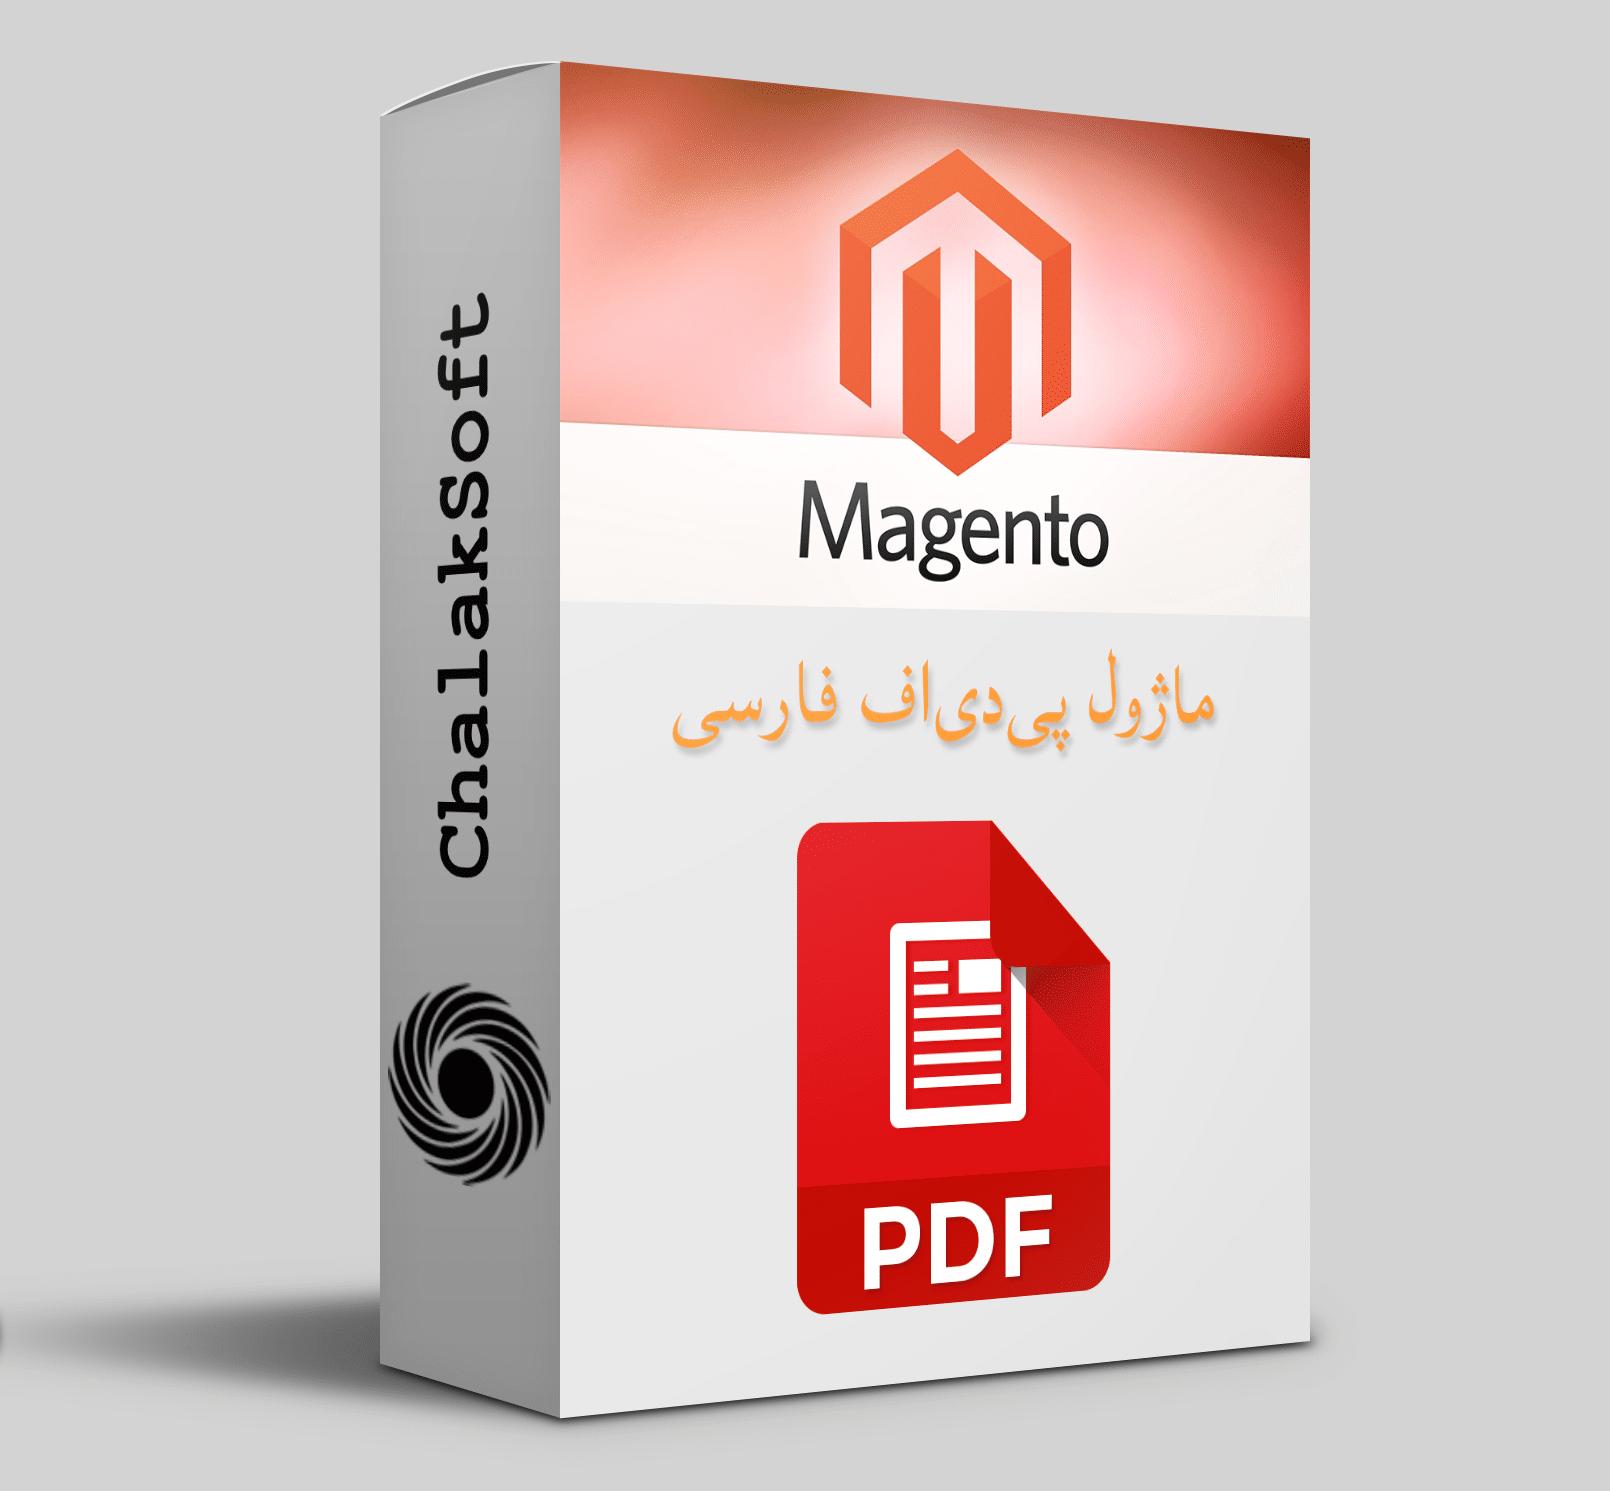 ماژول پی دی اف فارسی